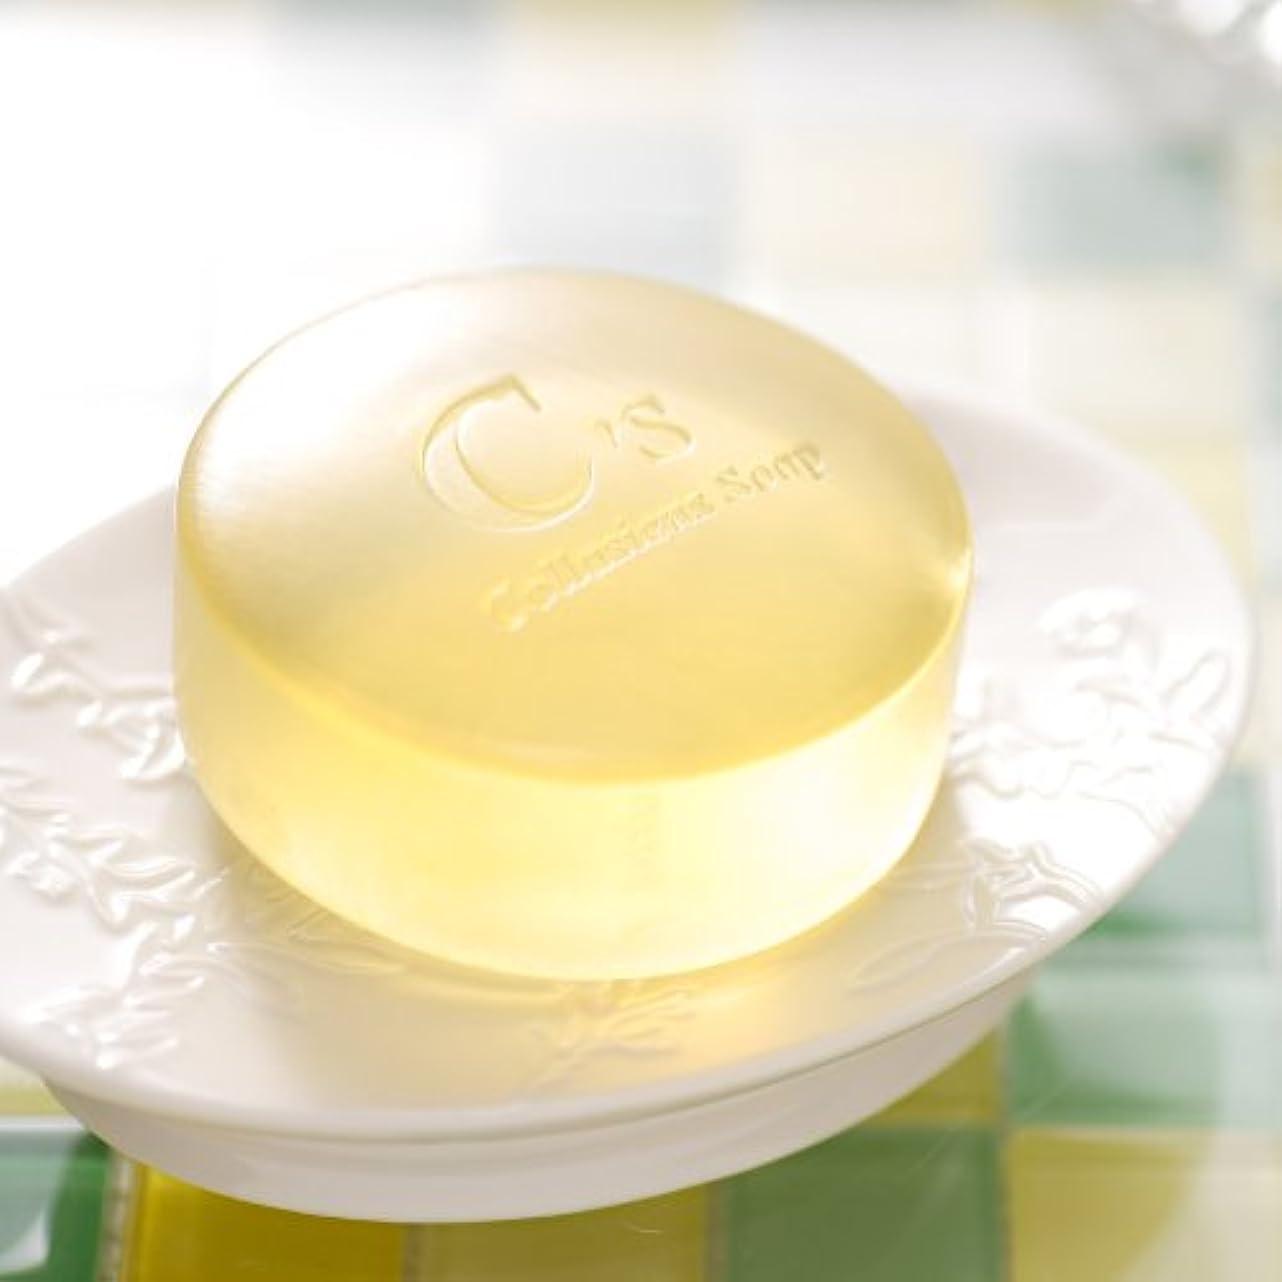 ポルノいとこ線形肌理石鹸(きめせっけん)☆90日間熟成させた手作りソープ